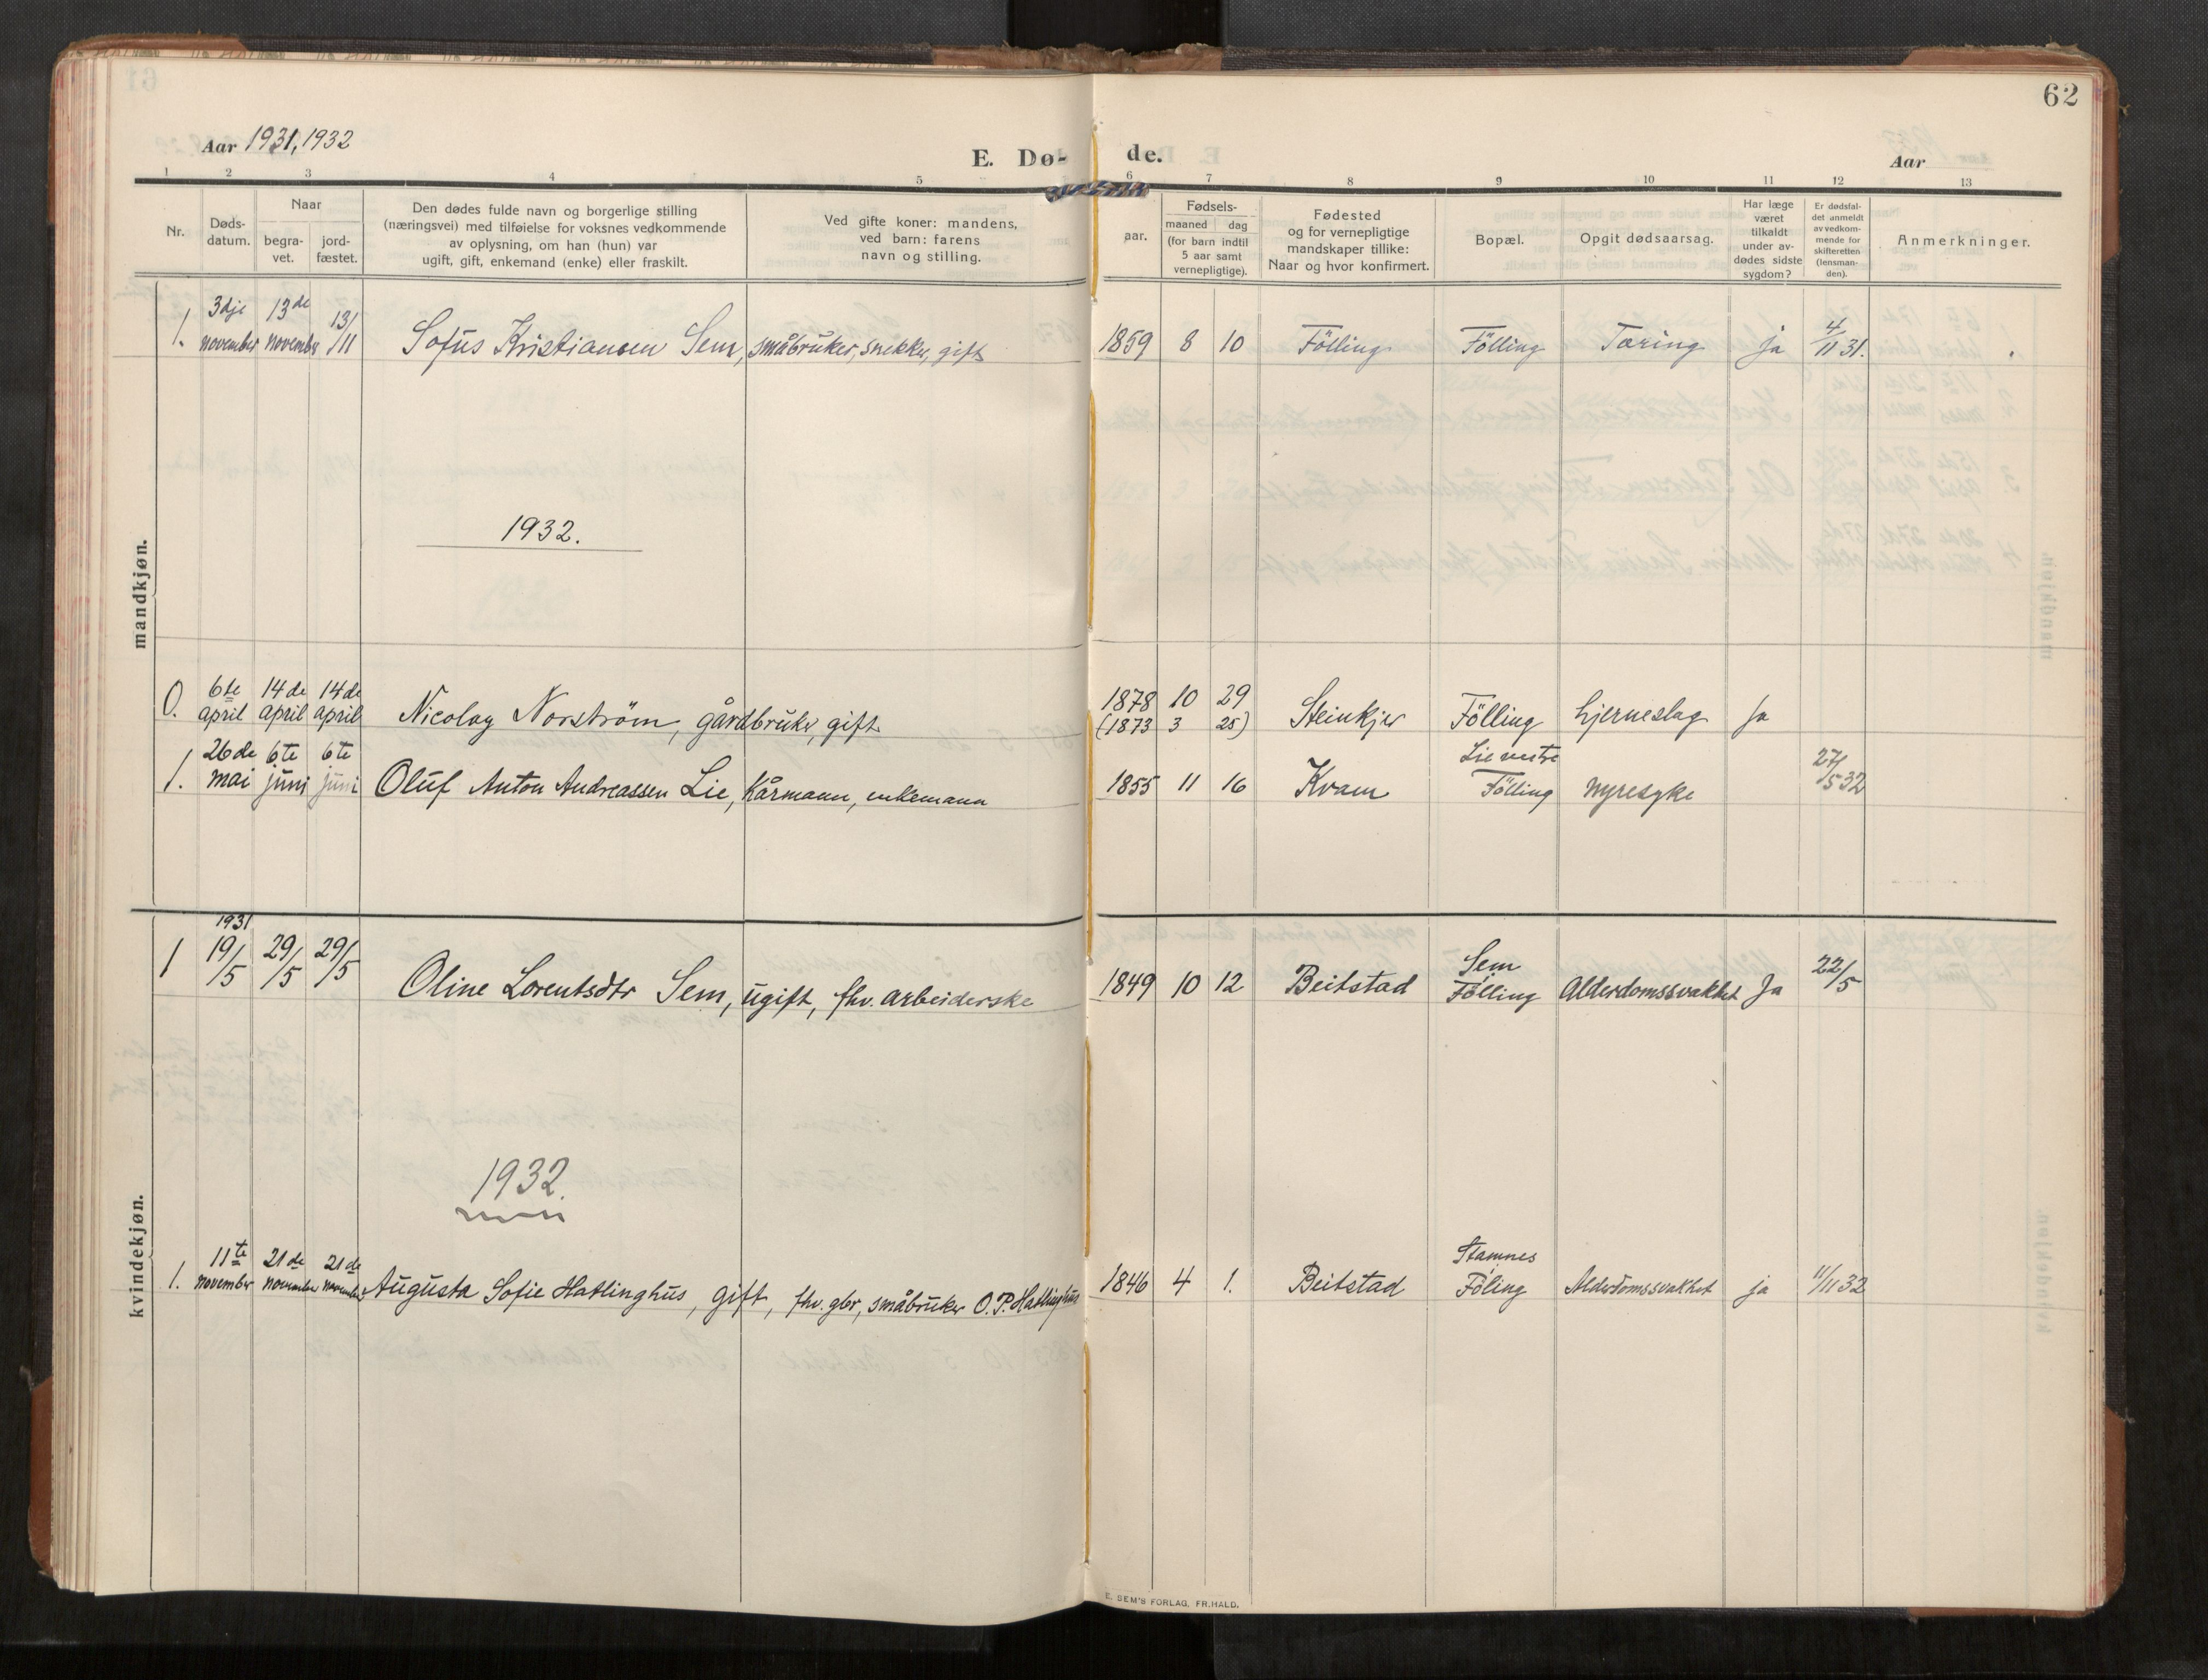 SAT, Stod sokneprestkontor, I/I1/I1a/L0003: Parish register (official) no. 3, 1909-1934, p. 62